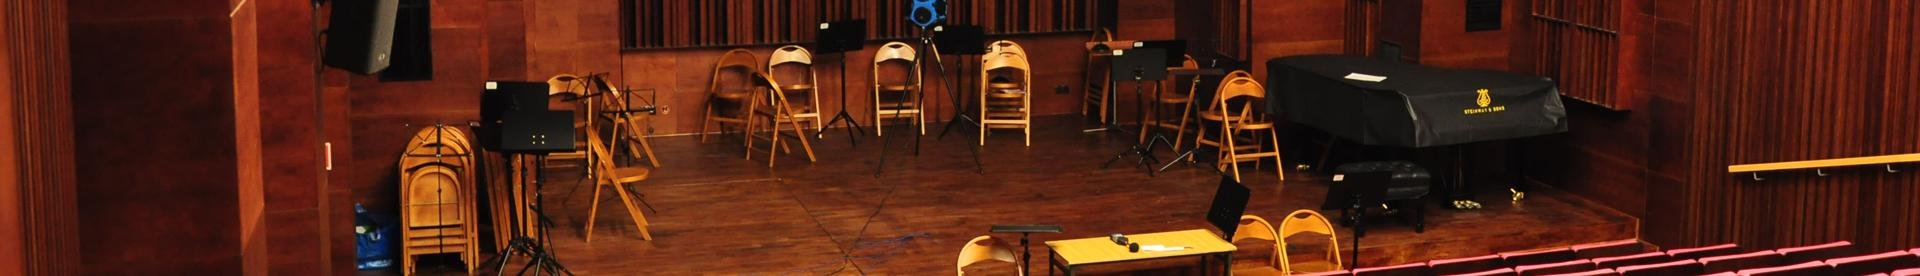 baner sala teatralna